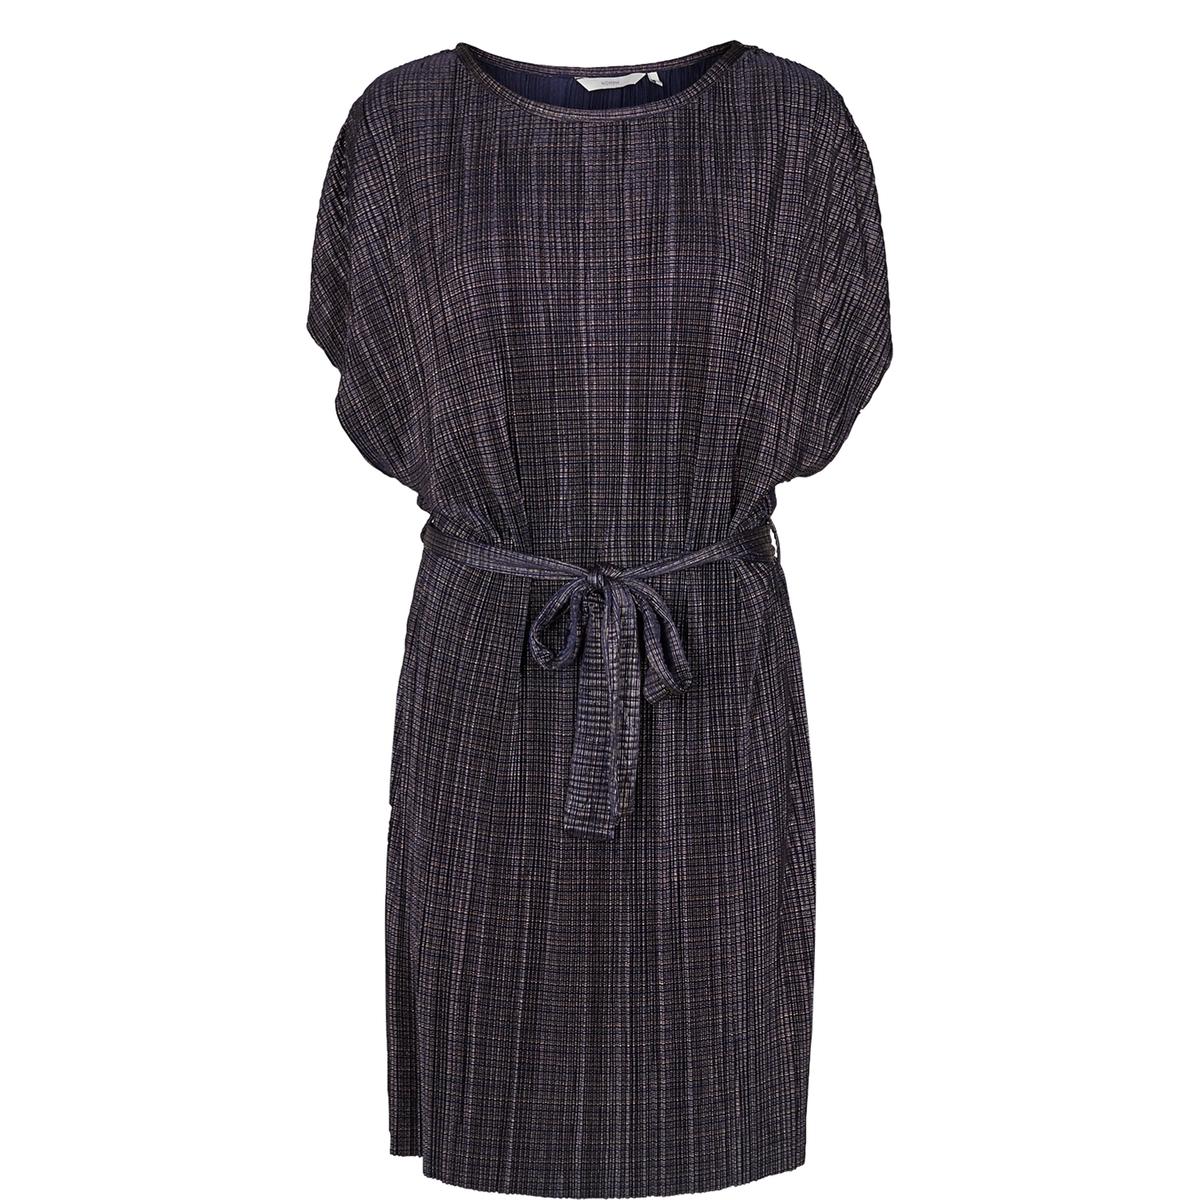 Платье прямое с поясом на завязкахОписание:Детали  •  Форма : прямая •  Длина до колен •  Короткие рукава    •  Круглый вырезСостав и уход  •  3% эластана, 97% полиэстера •  Следуйте советам по уходу, указанным на этикетке<br><br>Цвет: синий<br>Размер: L